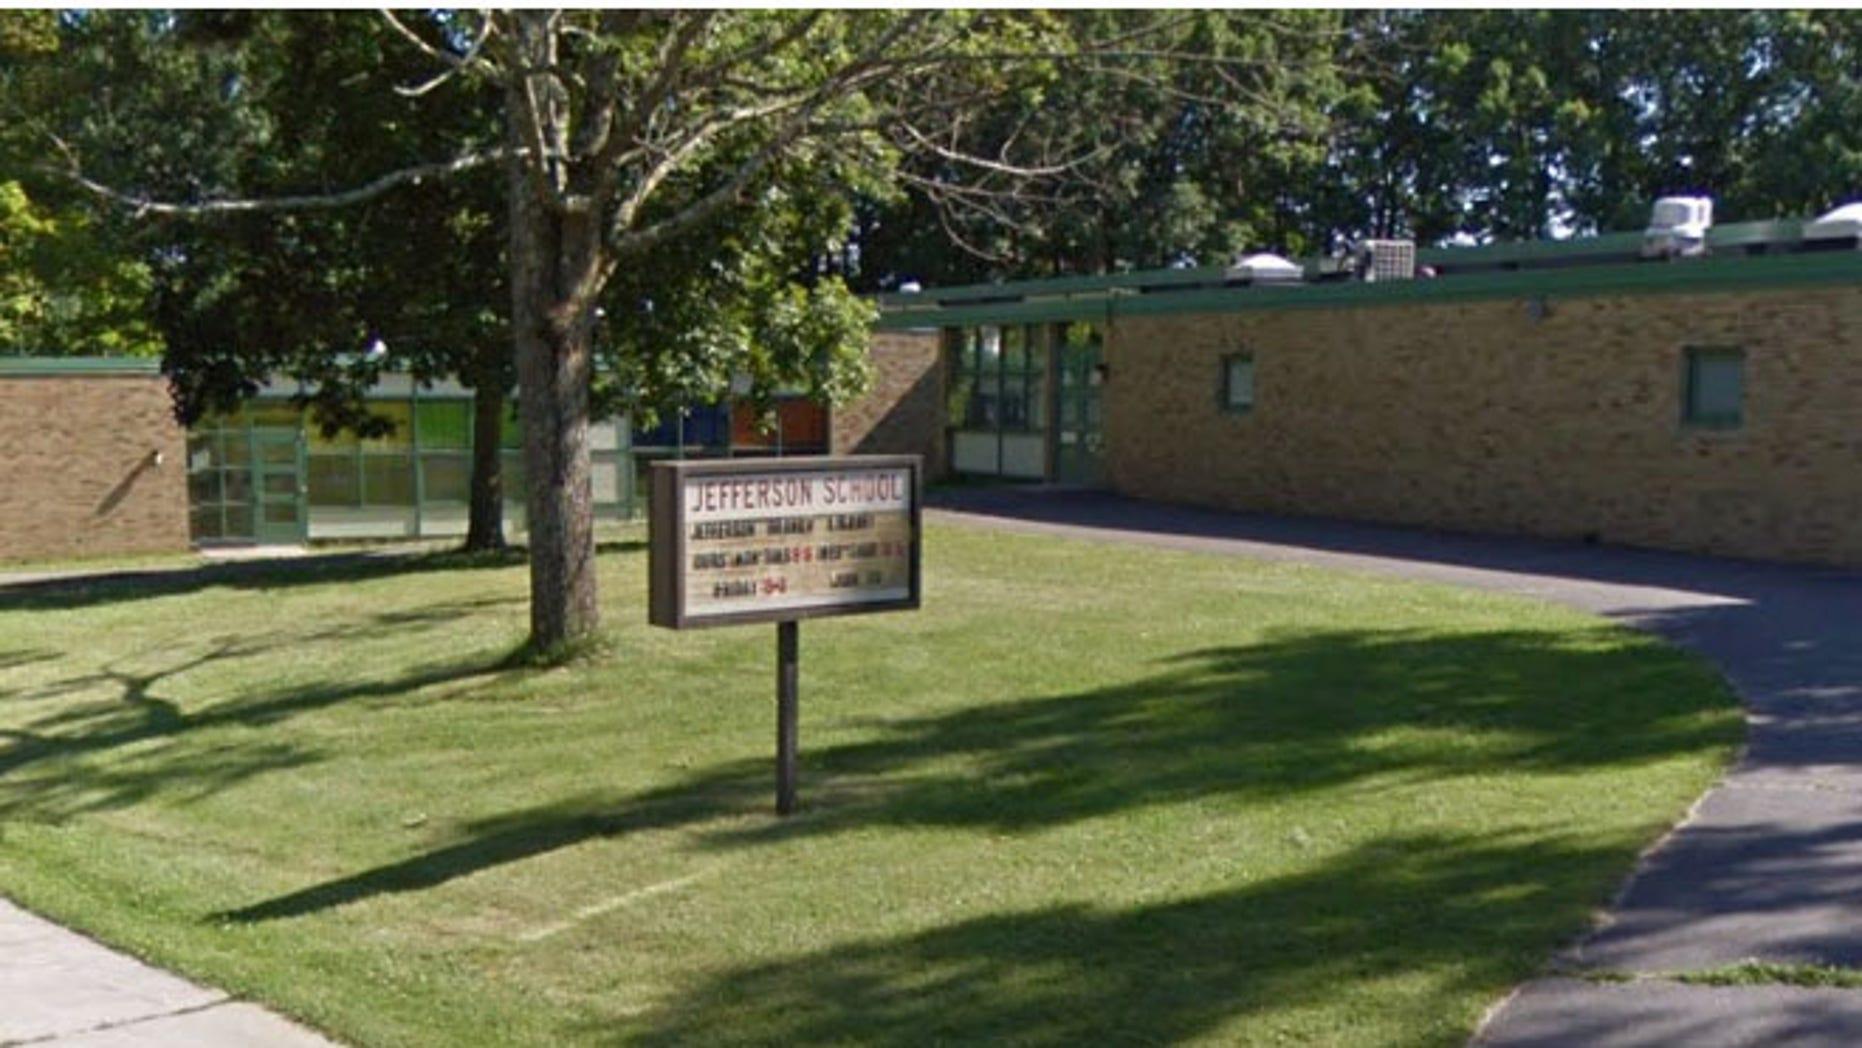 Jefferson Elementary School in New Britain.